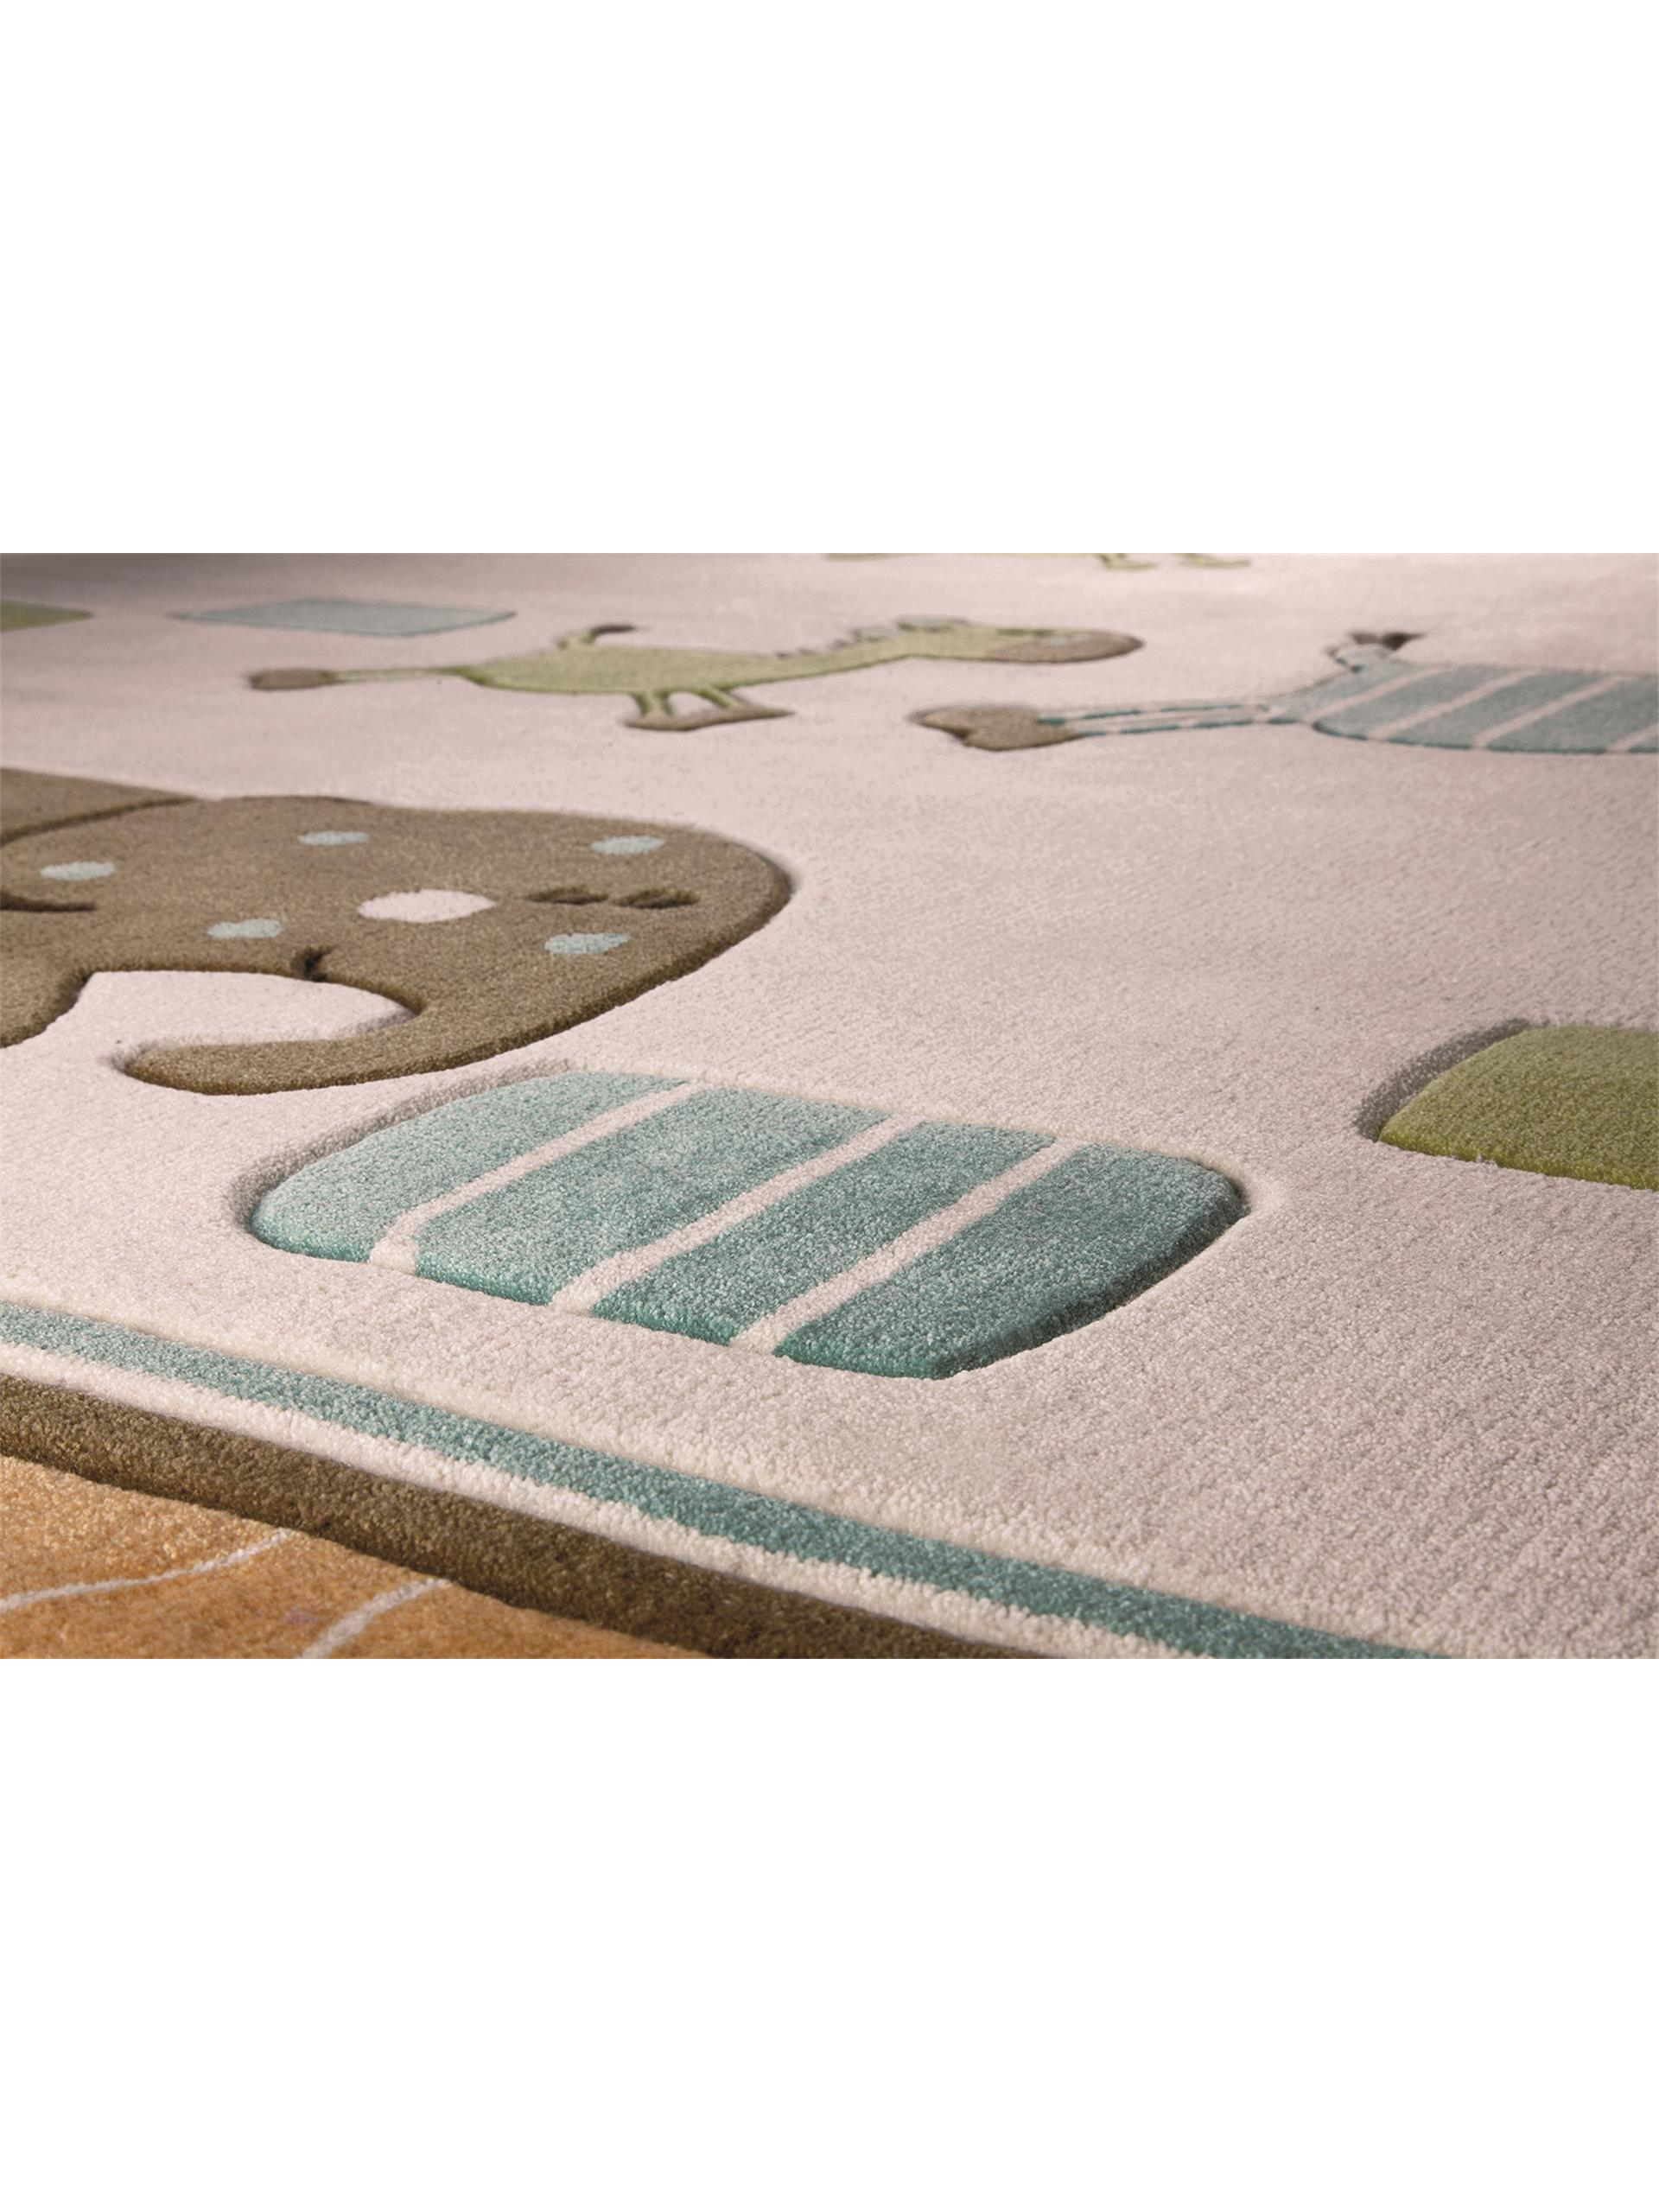 Esprit Kid's rug Lucky Zoo Beige 120x180 cm